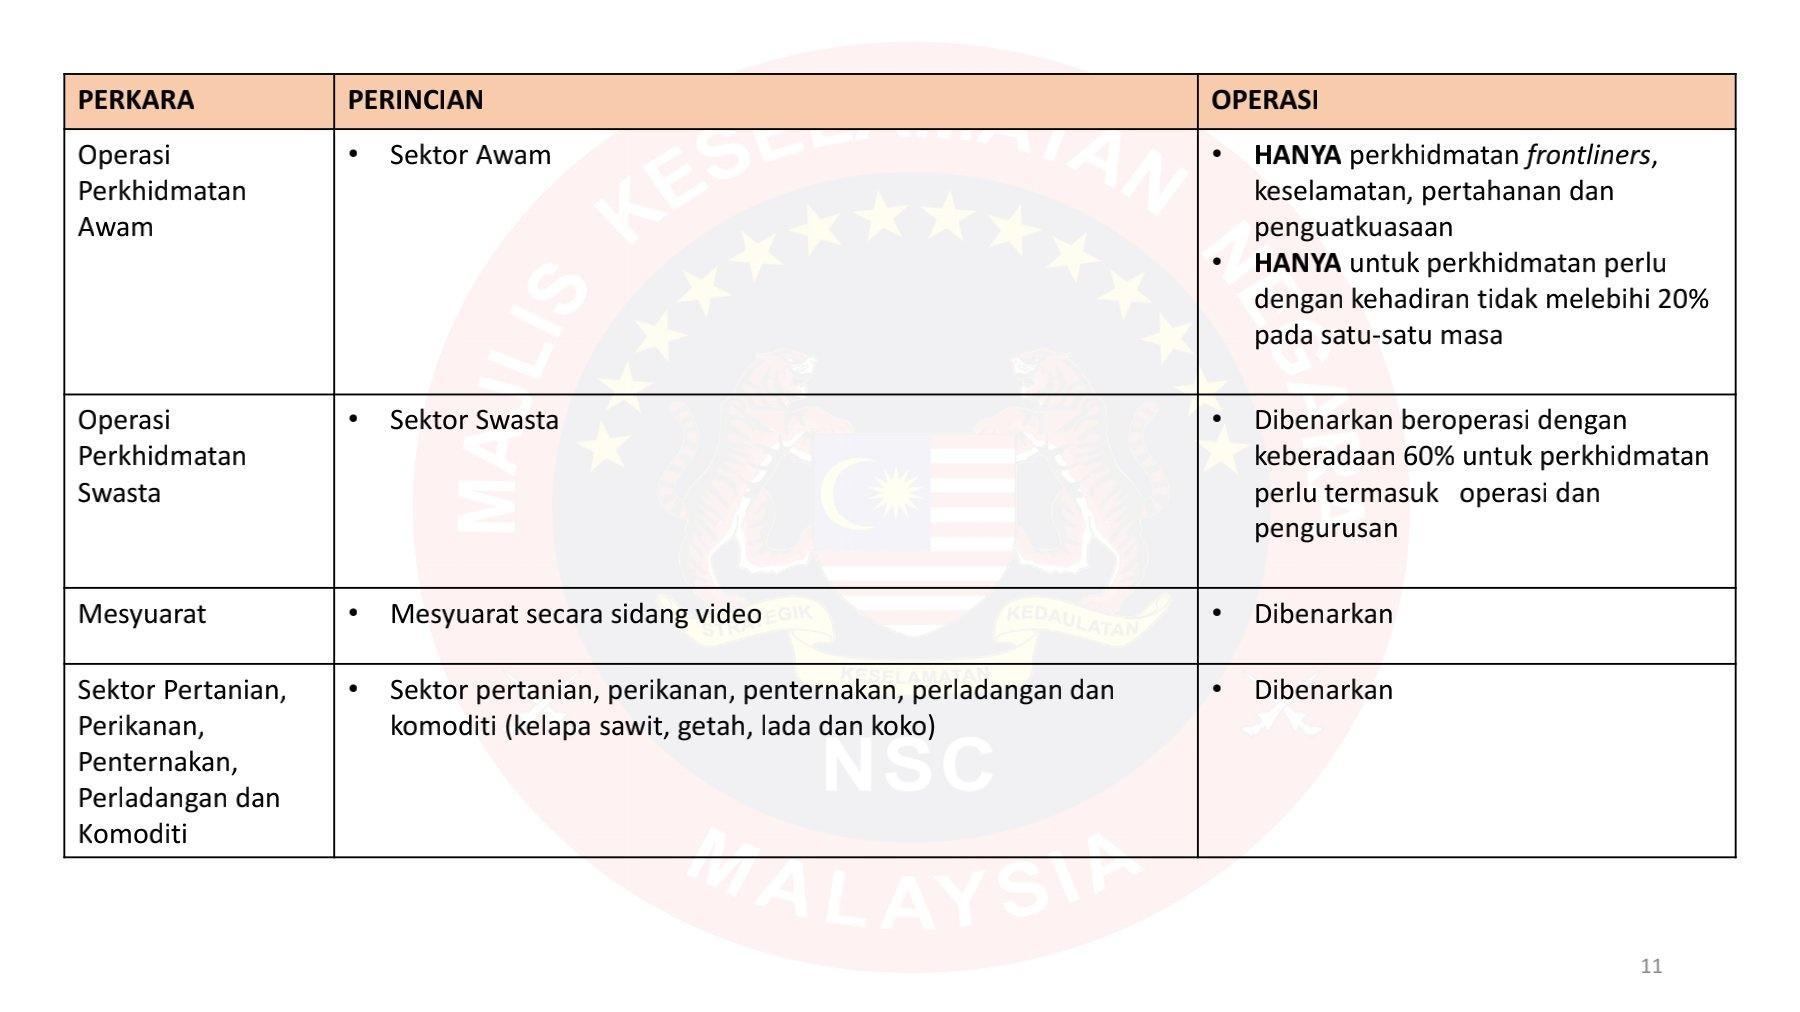 RINGKASAN SOP PKP MKN (DIBENARKAN) 1 JUN 2021 HINGGA 14 JUN 2021